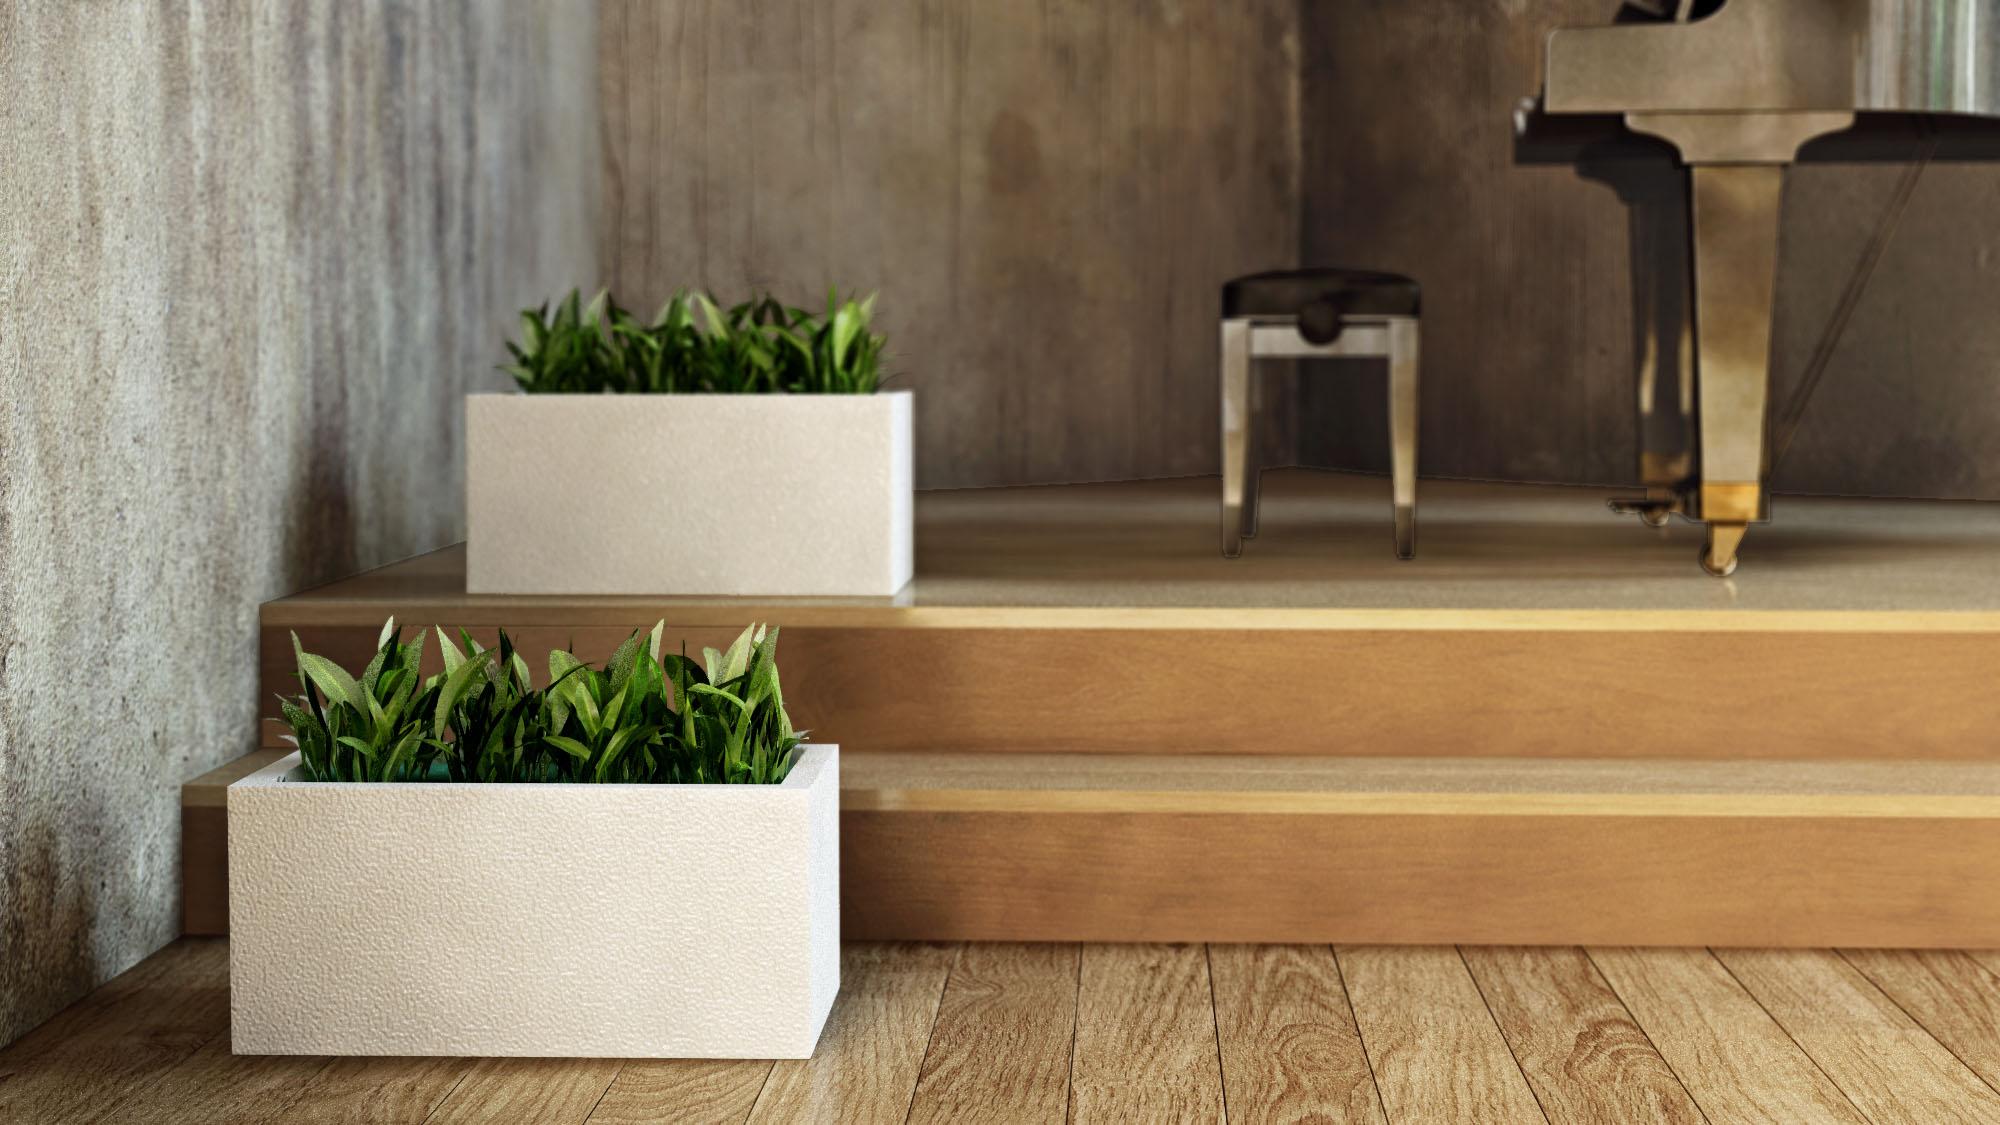 credo flower pots 3d product rendering